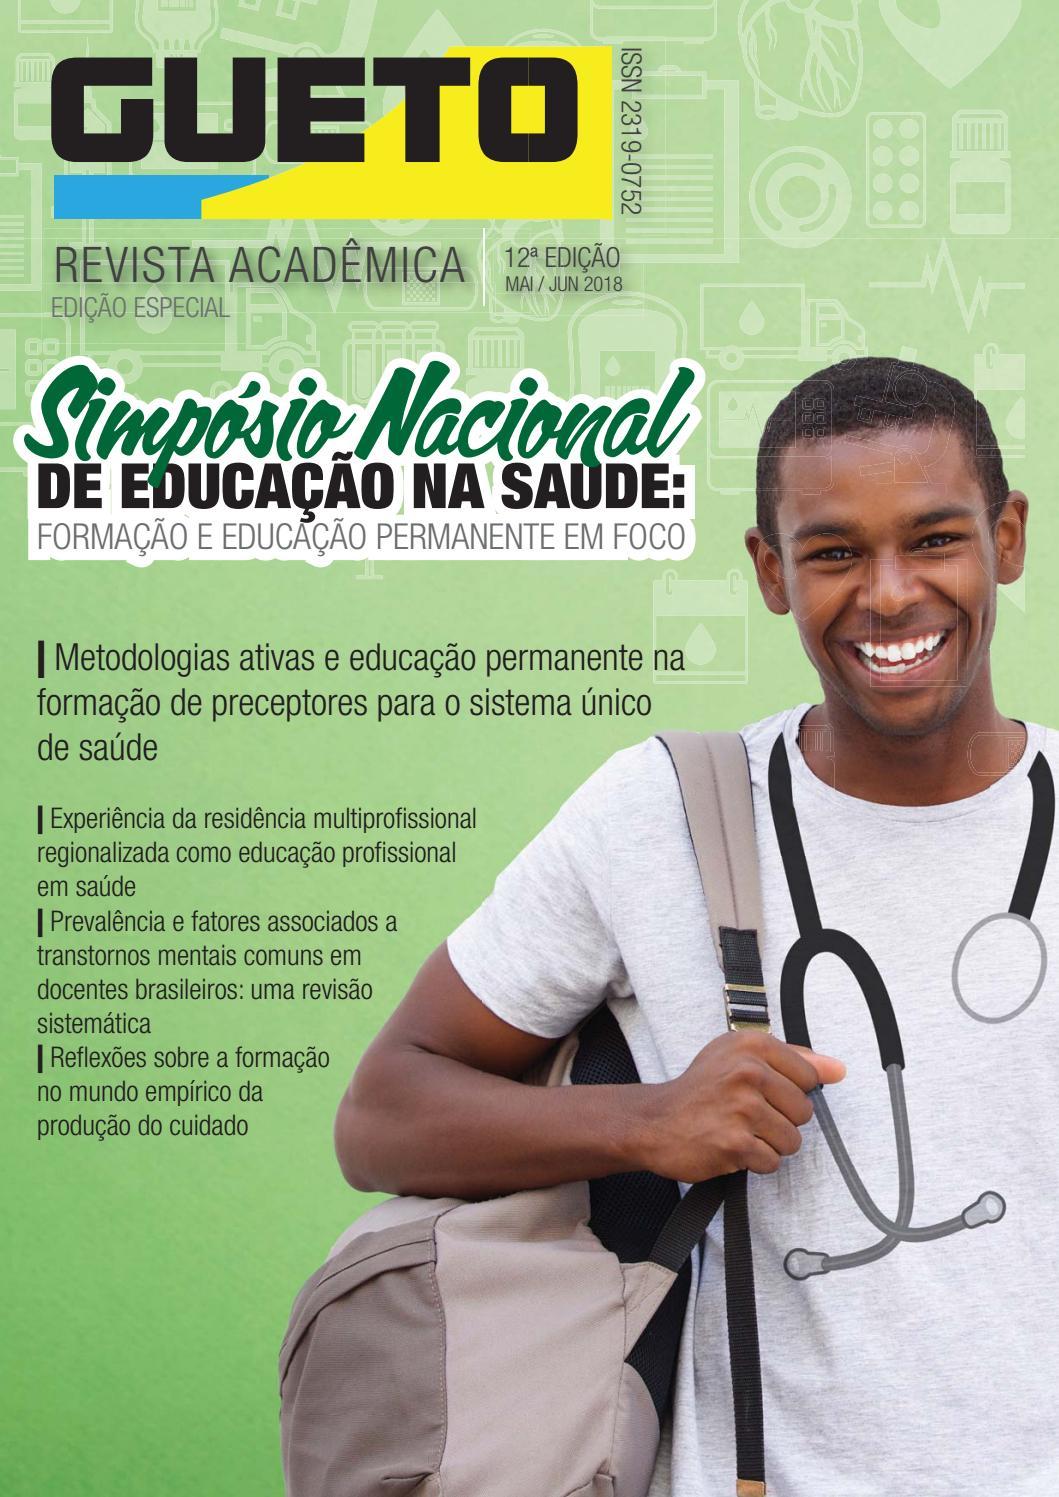 Lançada 12ª edição da Revista Acadêmica GUETO   Edição SINESA 2018 by  Revista Acadêmica GUETO - issuu e17d9a0789